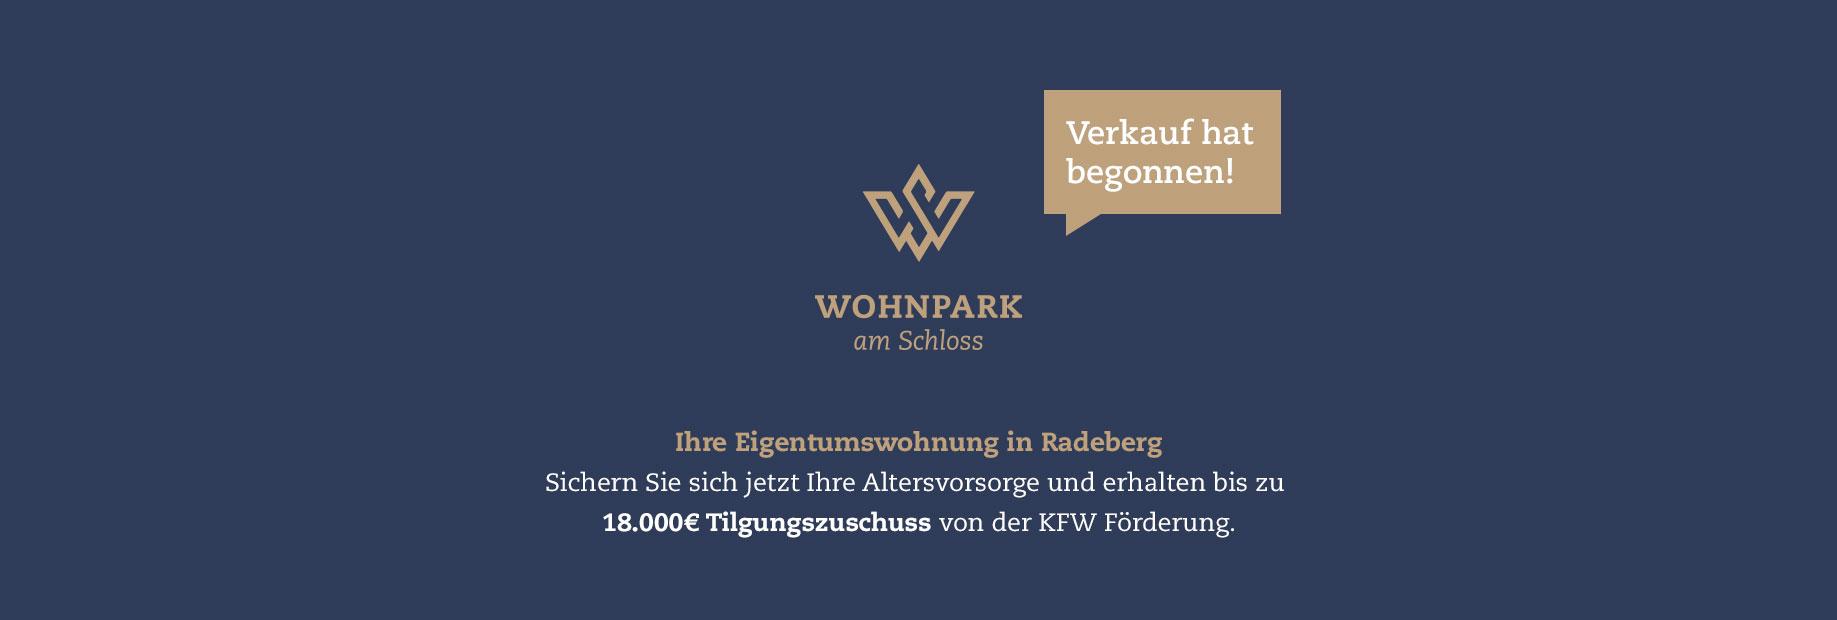 Wohnpark am Schloss Eigentumswohnungen Radeberg